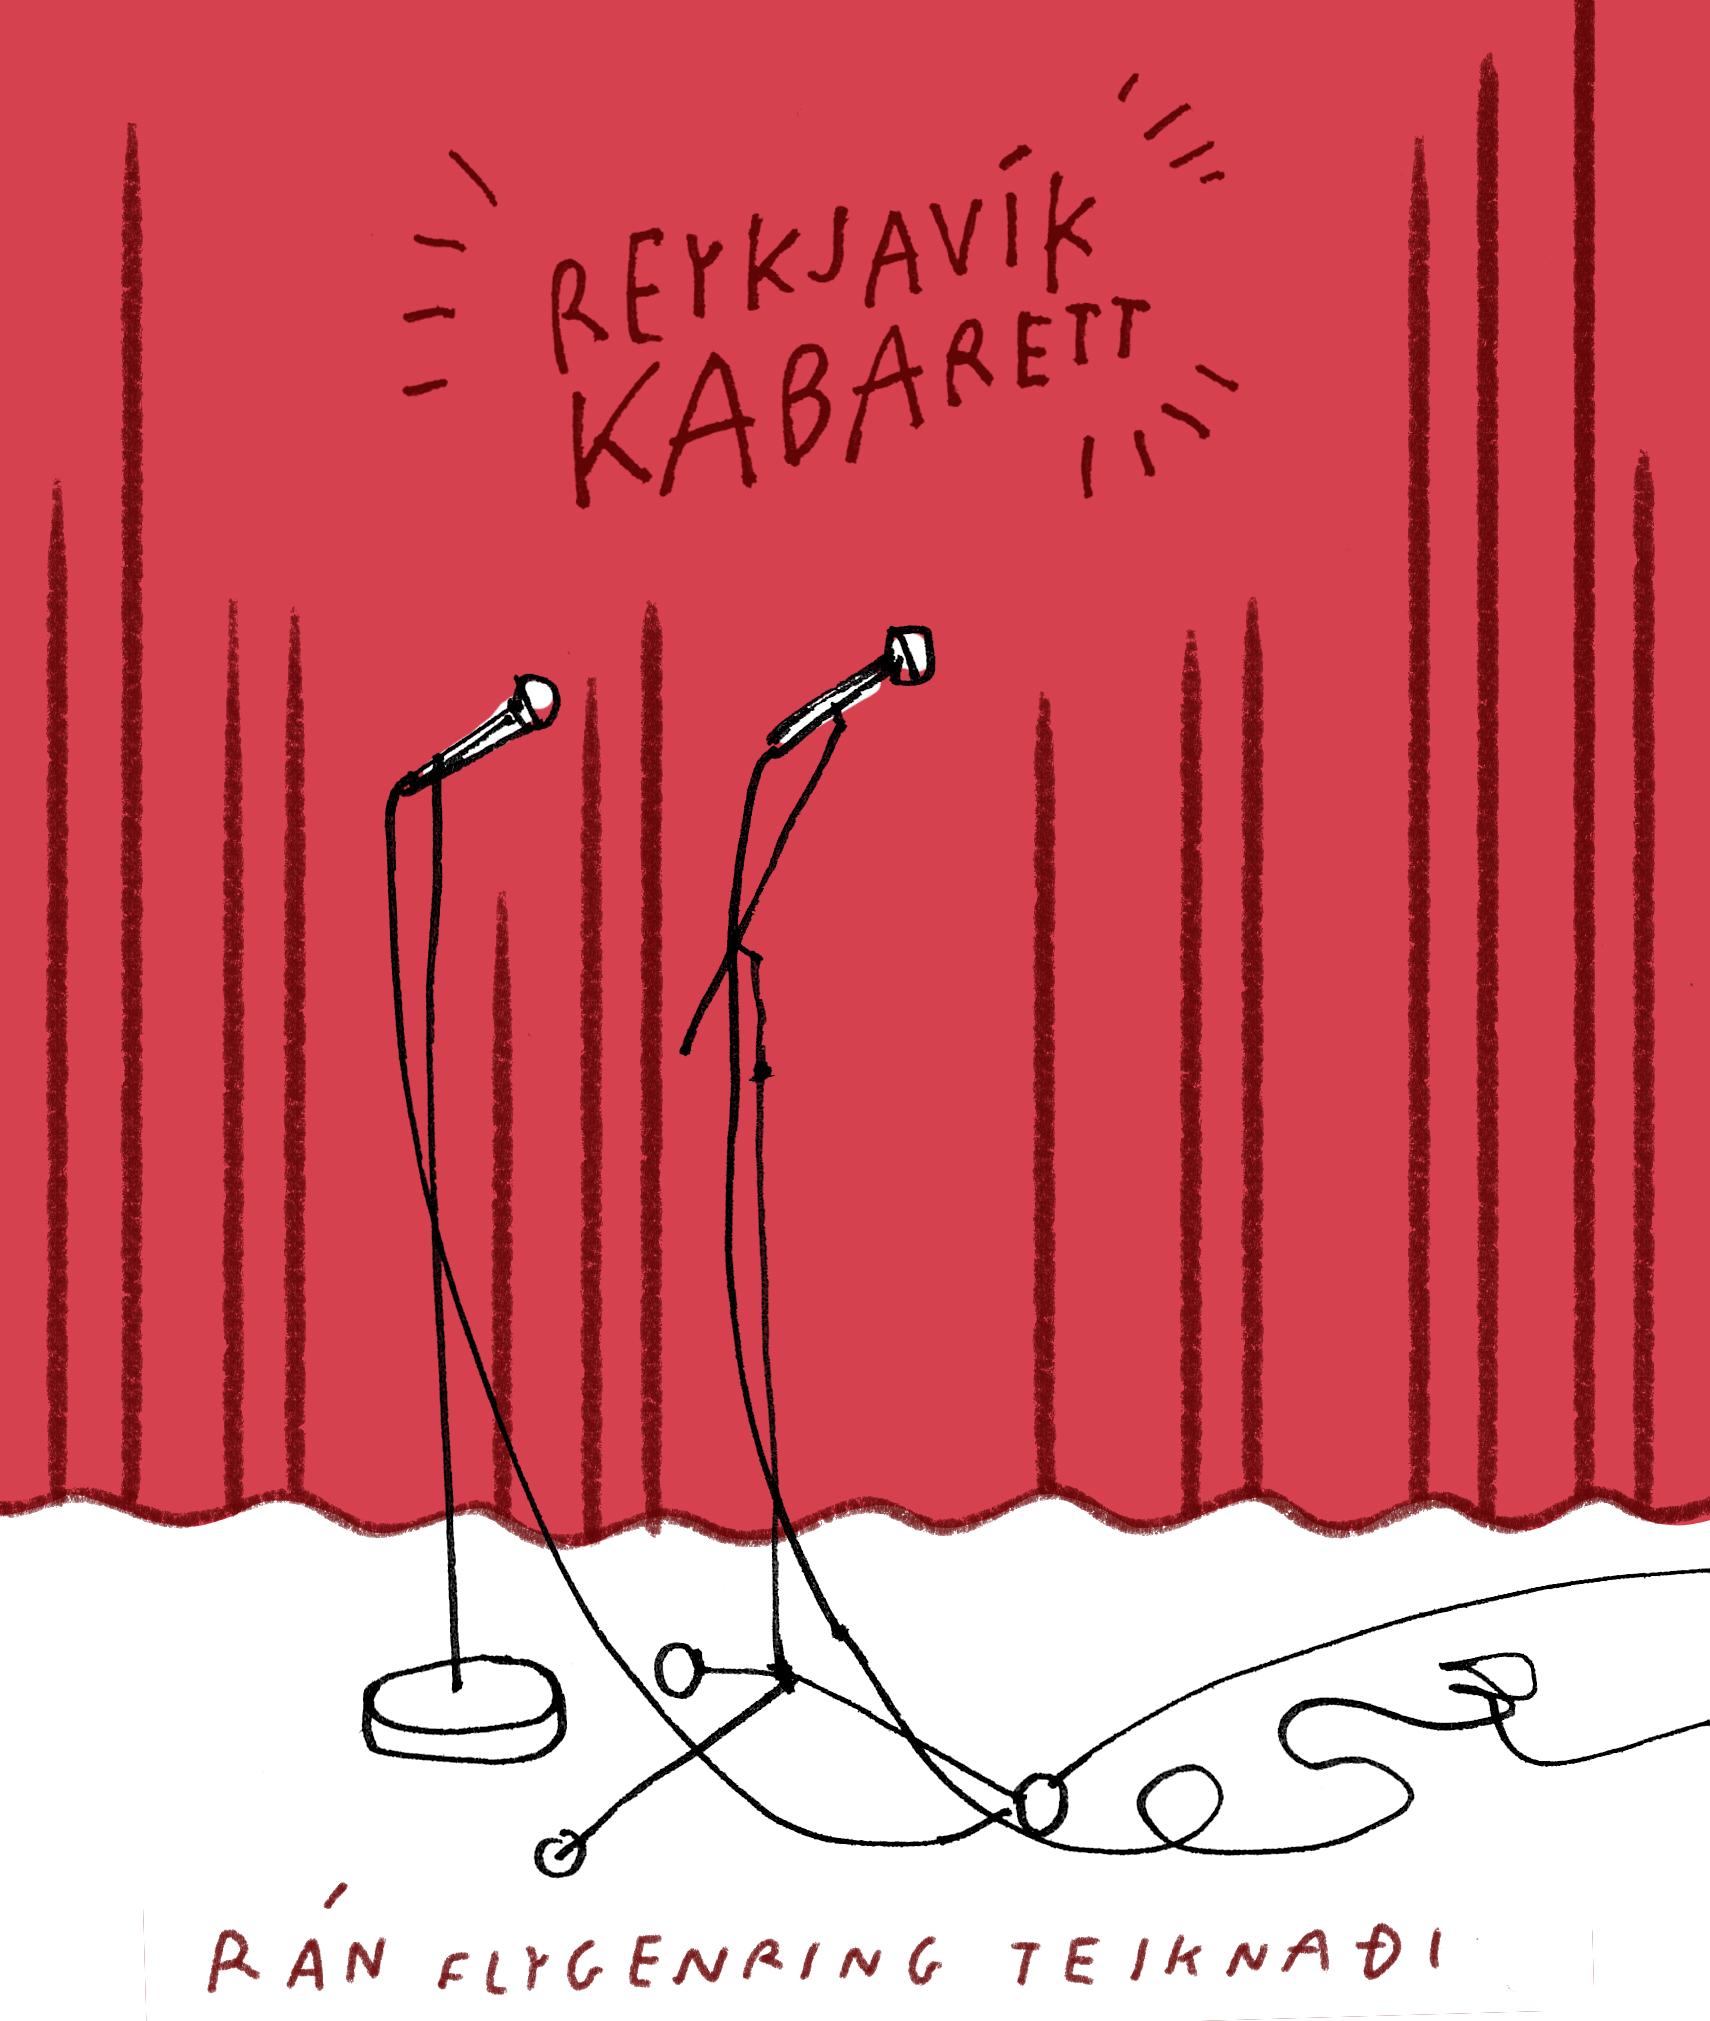 RvkKabarett01